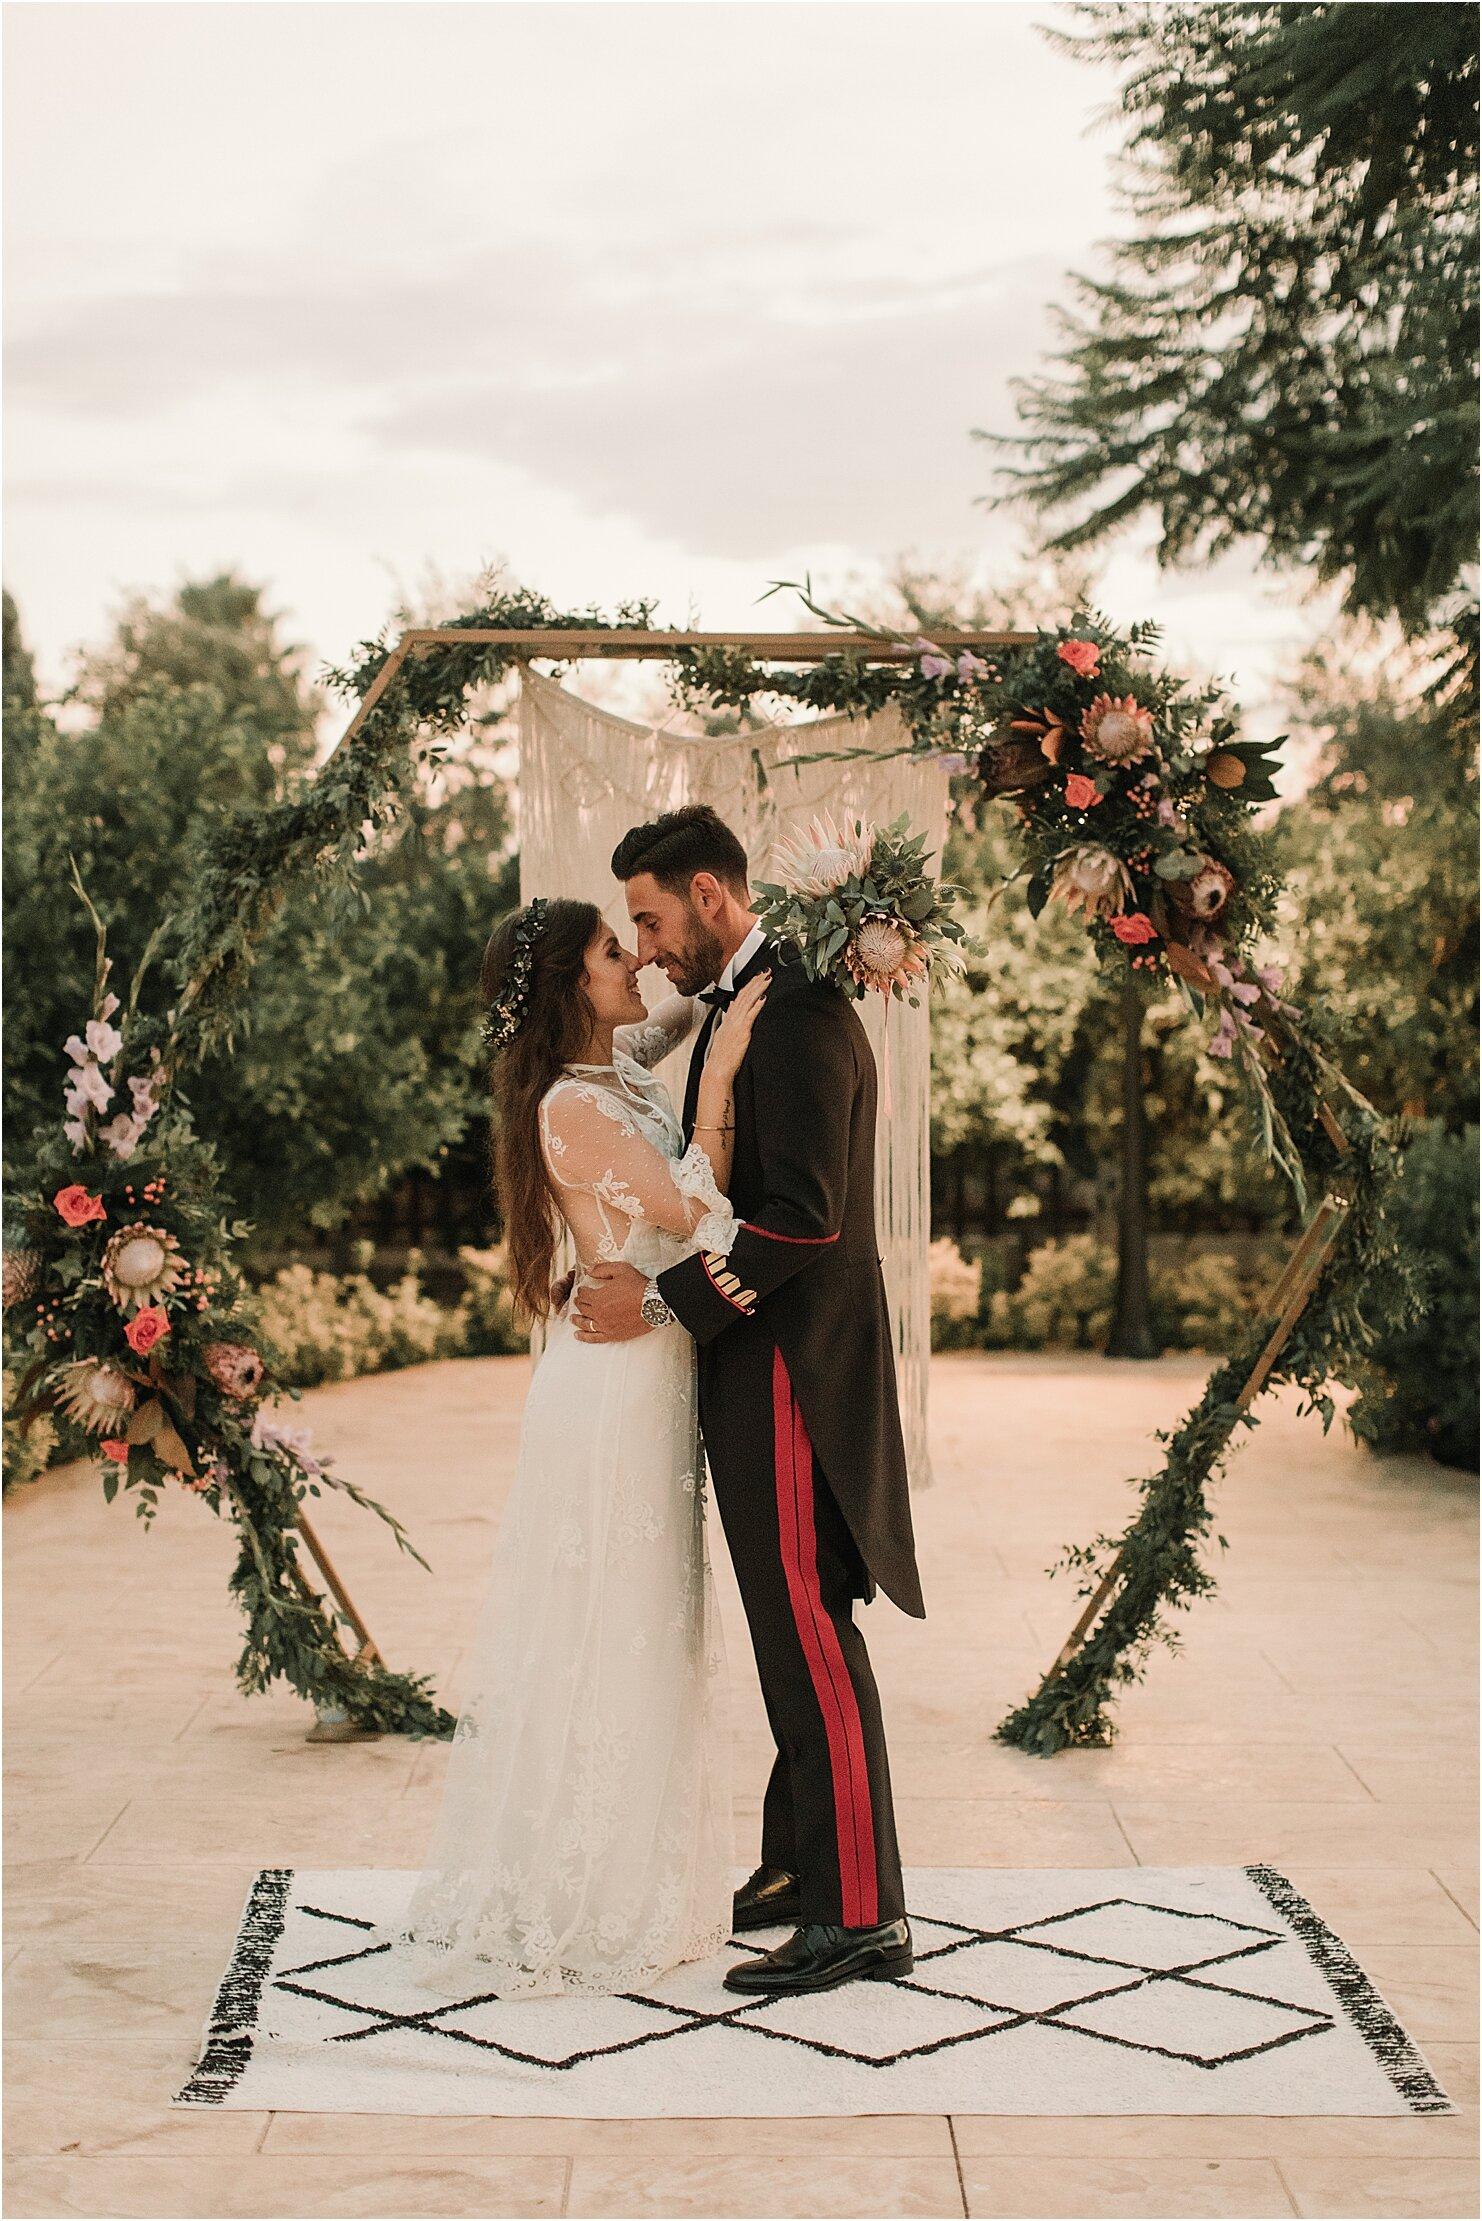 boda-romantica-boda-boho-vestido-de-novia-laura-lomas46.jpg